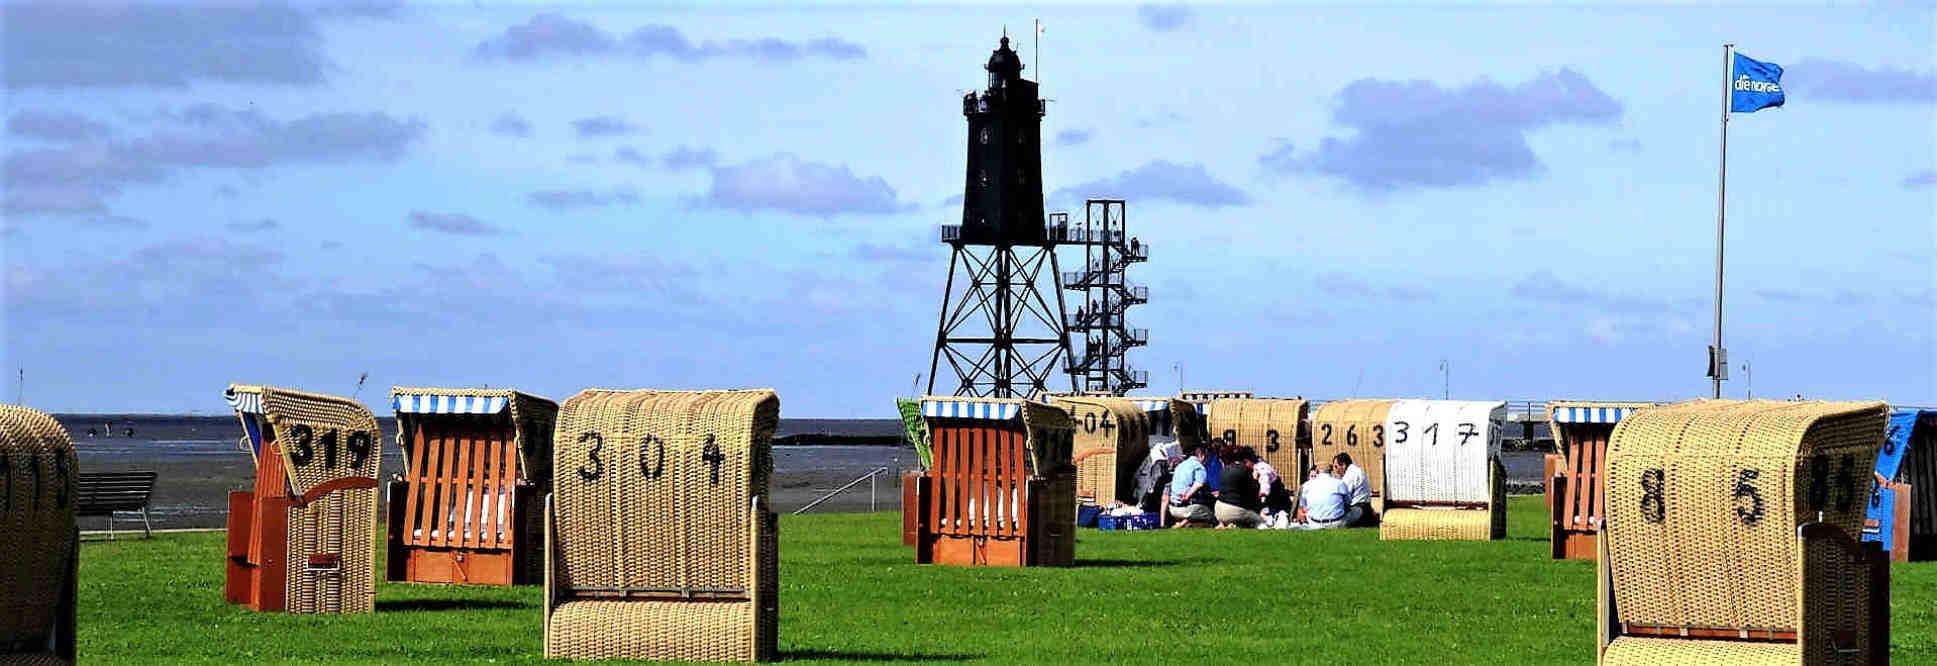 Das ist Dorum-Neufeld: herrliche Luft, Strandkörbe, Watt und der Leuchtturm Eversand